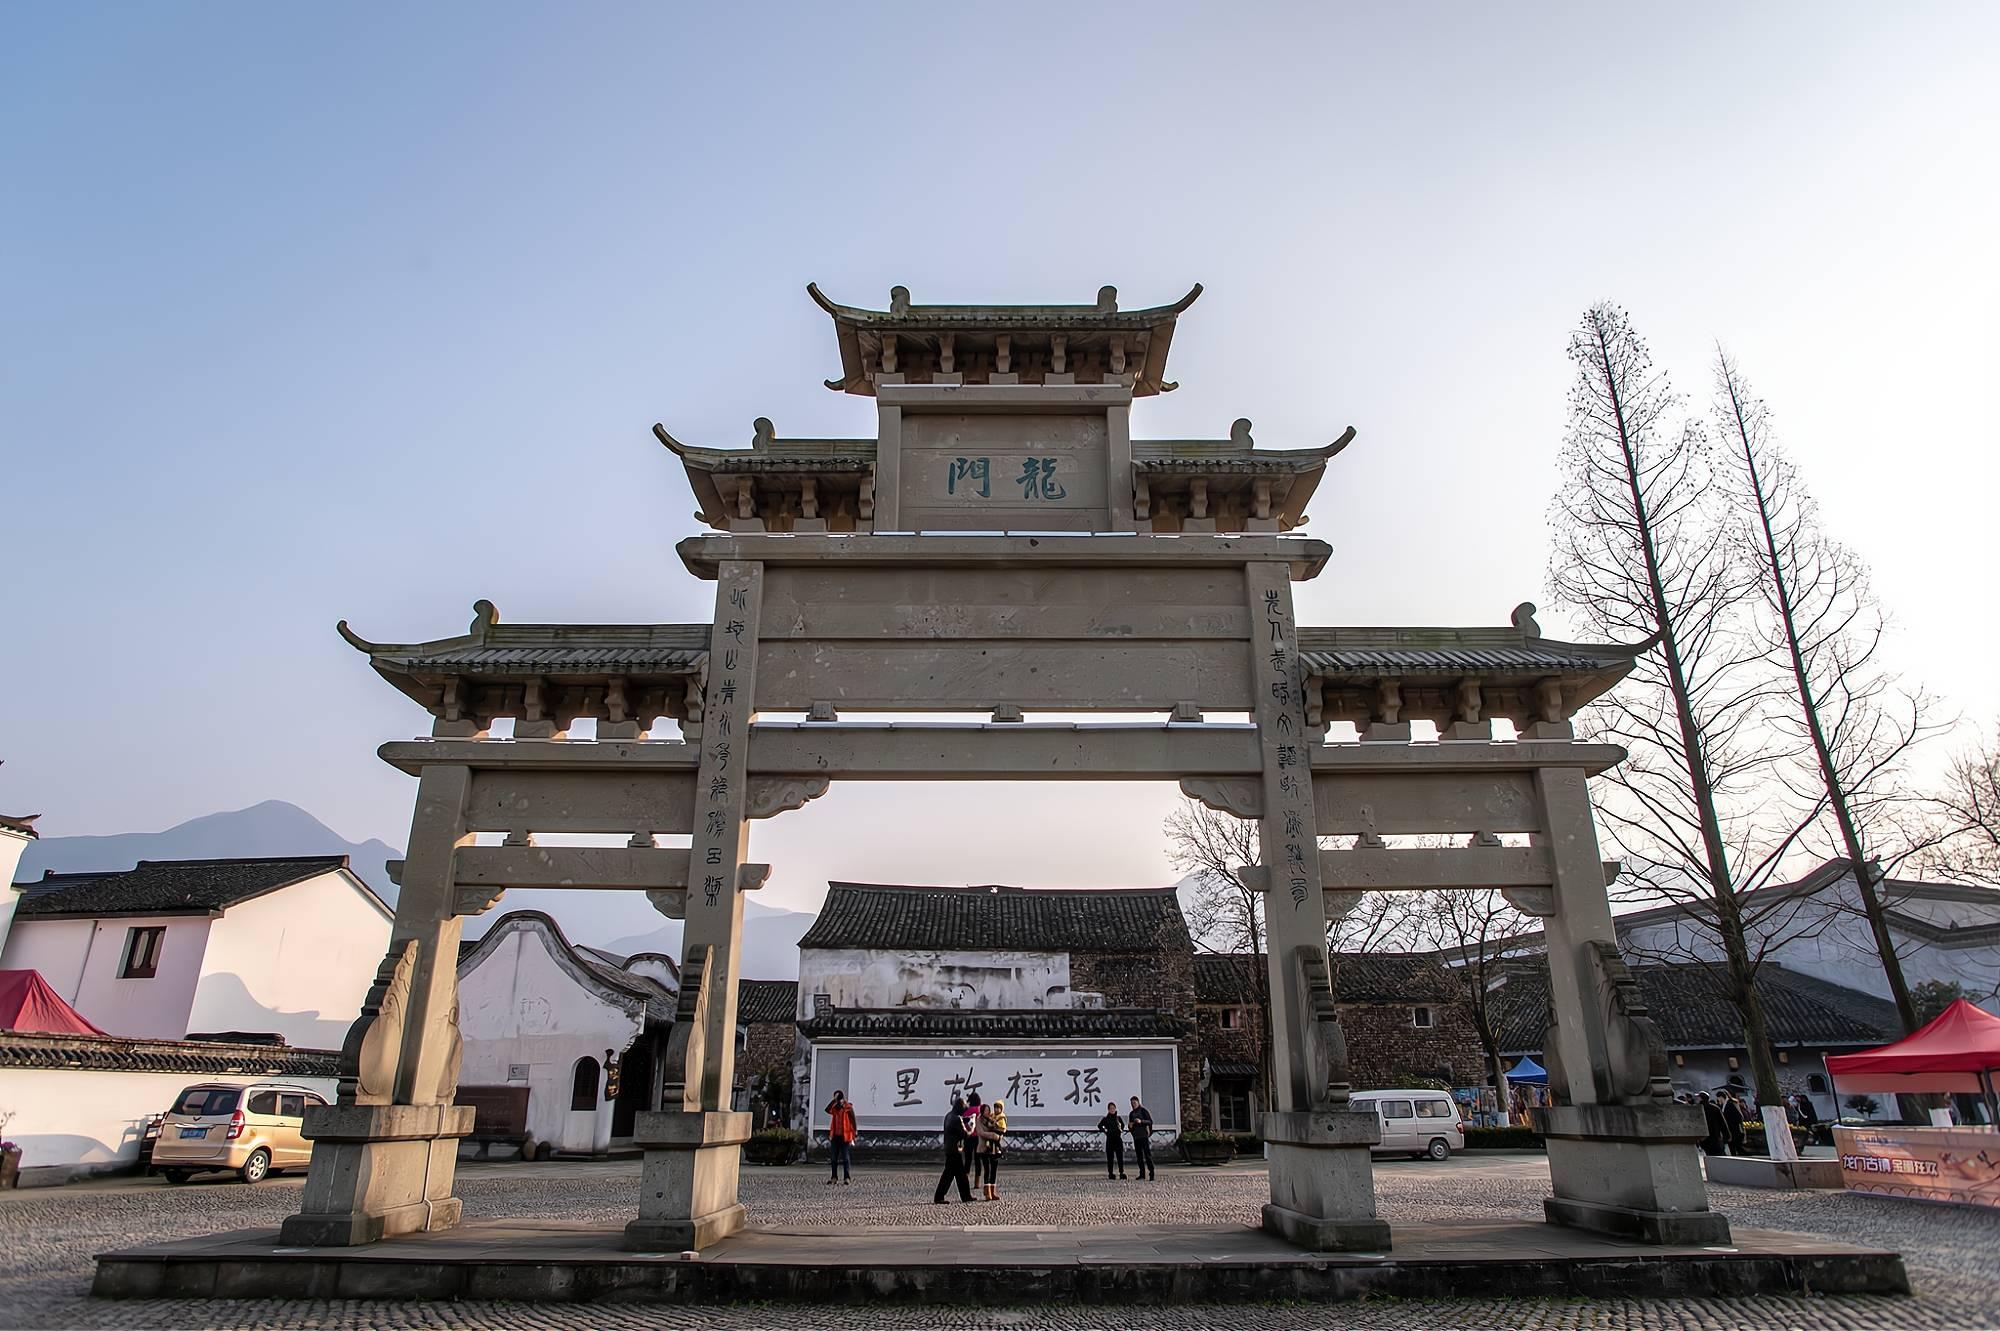 杭州值得一去的古镇,相距约1小时车程,据传是东吴大帝孙权故里